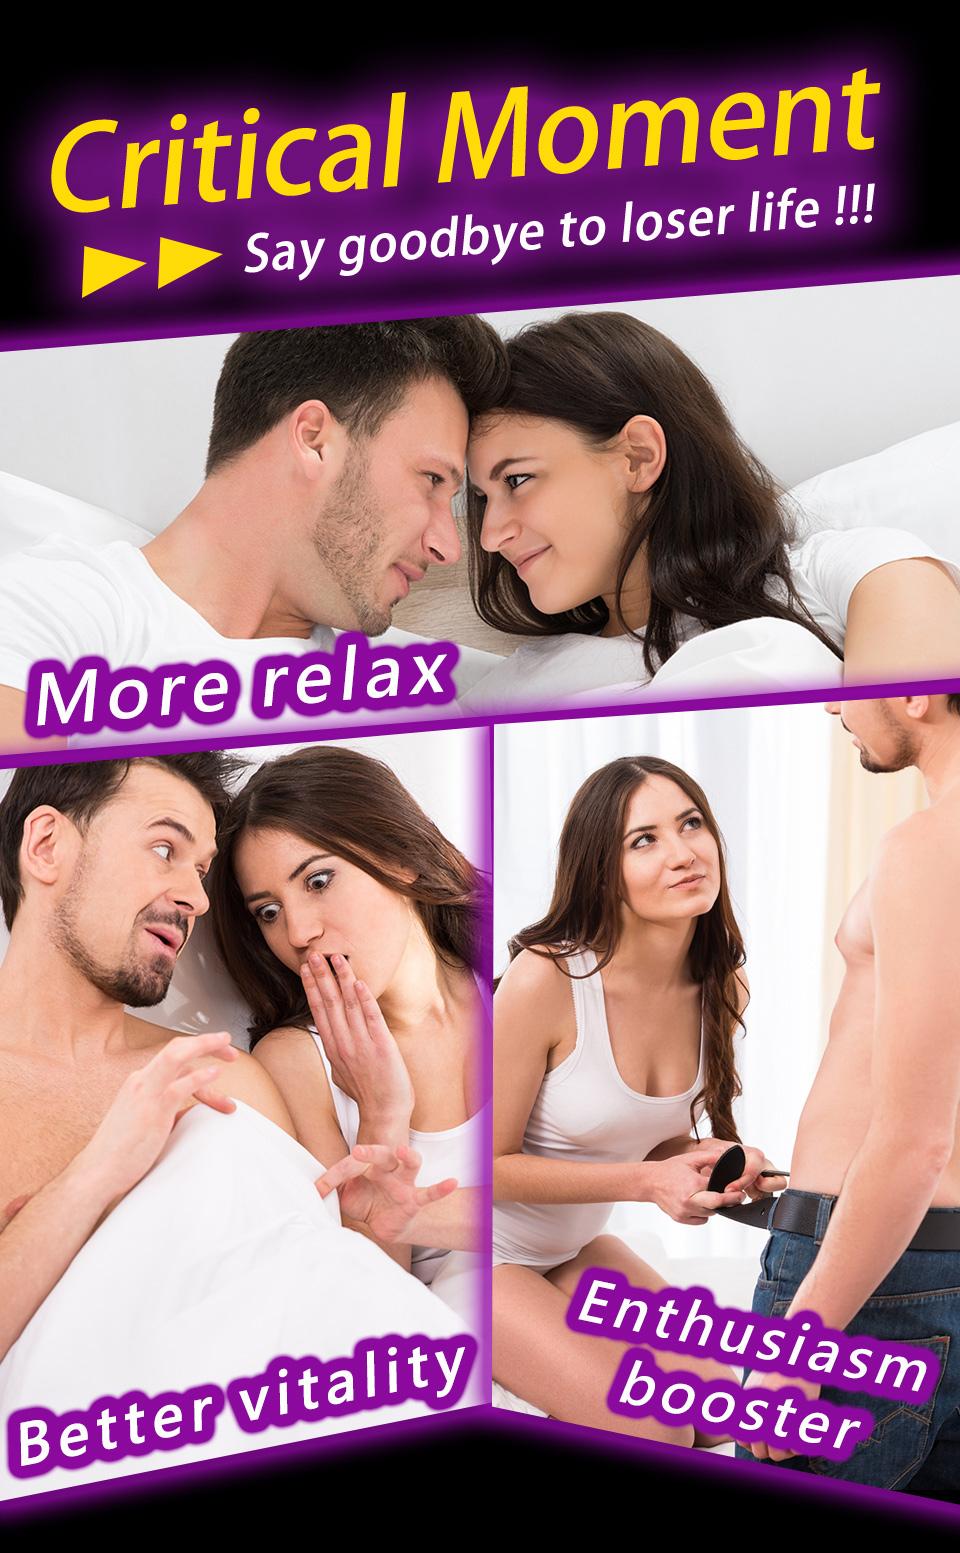 達米阿那讓伴侶間更幸福,性生活更美滿